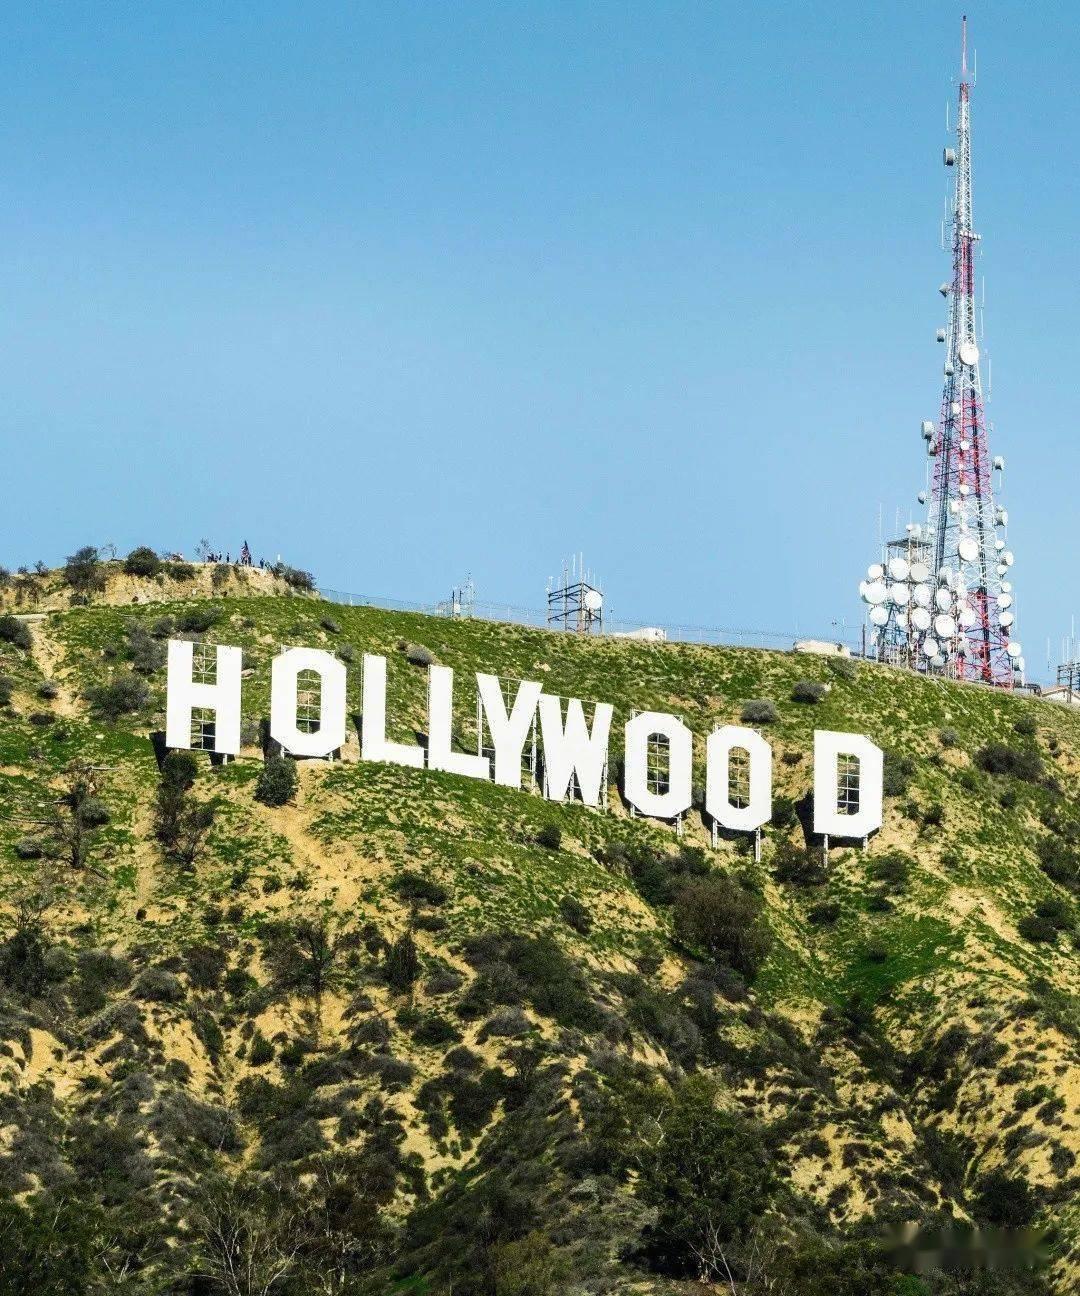 好莱坞强制掰直gay鲜肉男星,配新娘逼迫形婚,这是人干事?